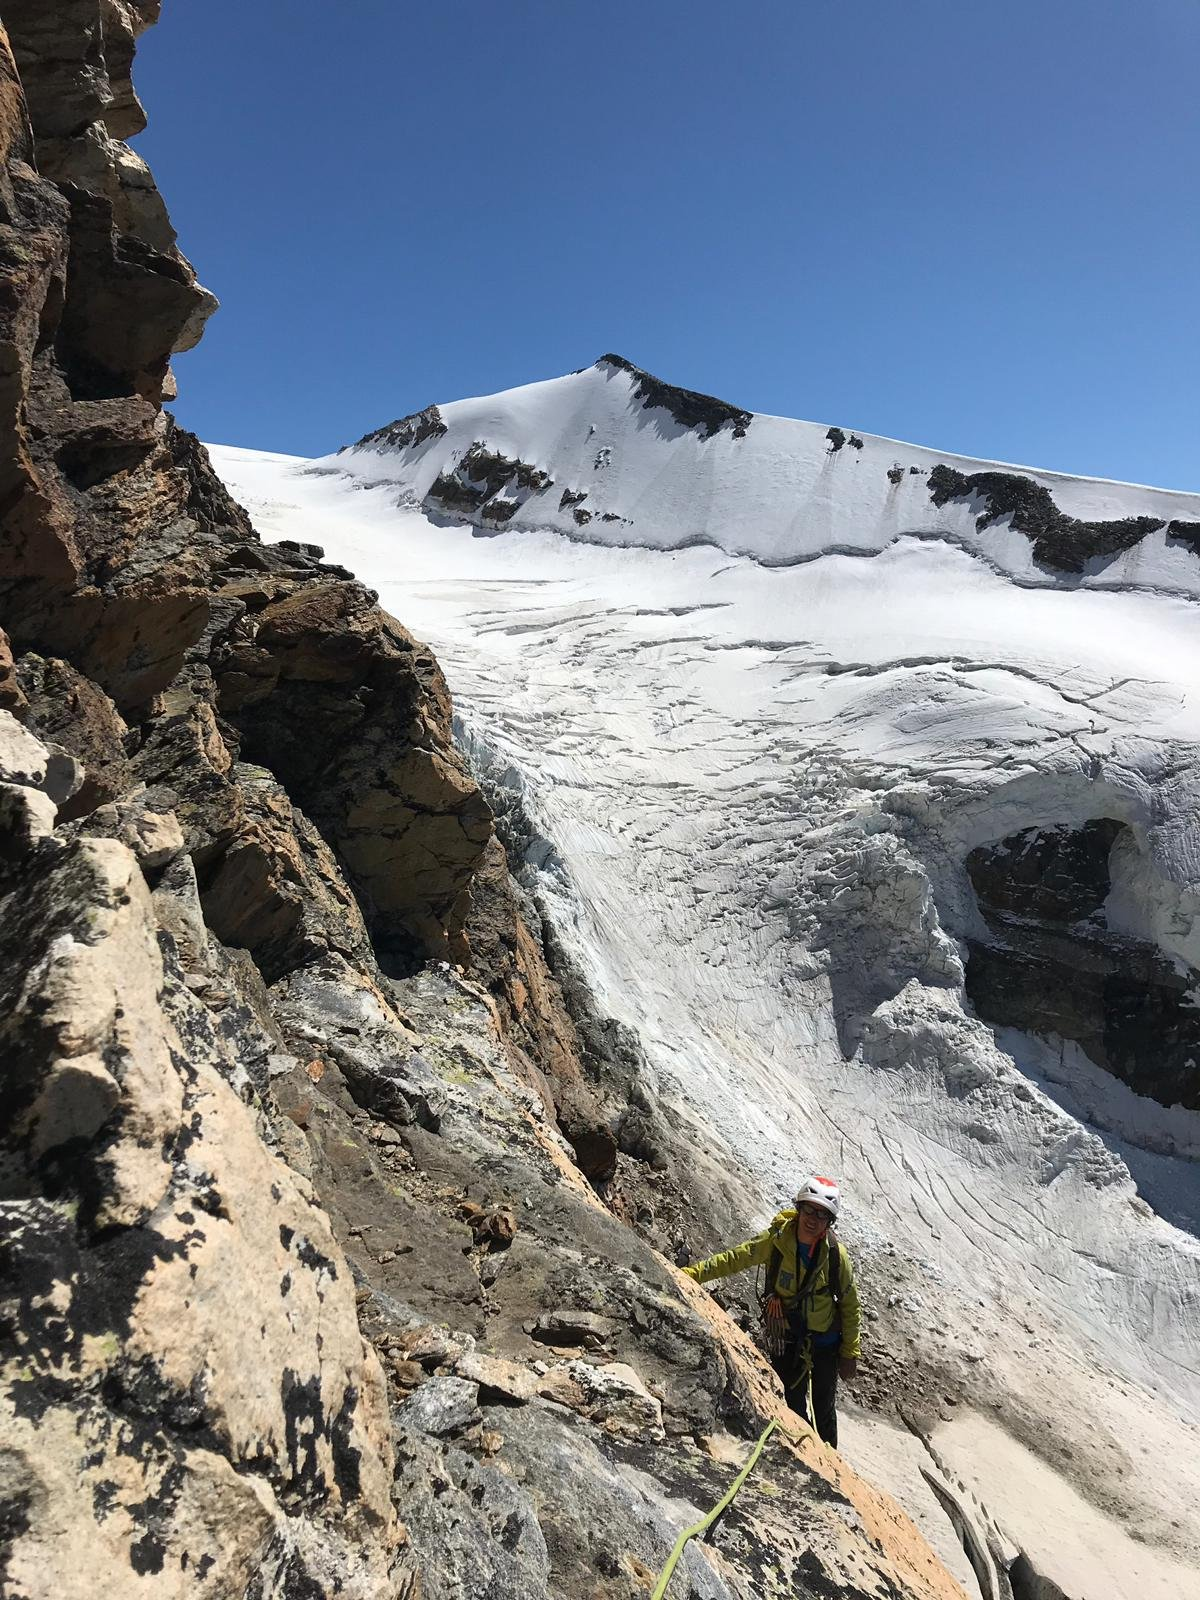 Sullo sfondo, il ghiacciaio percorso per arrivare all'attacco dello sperone